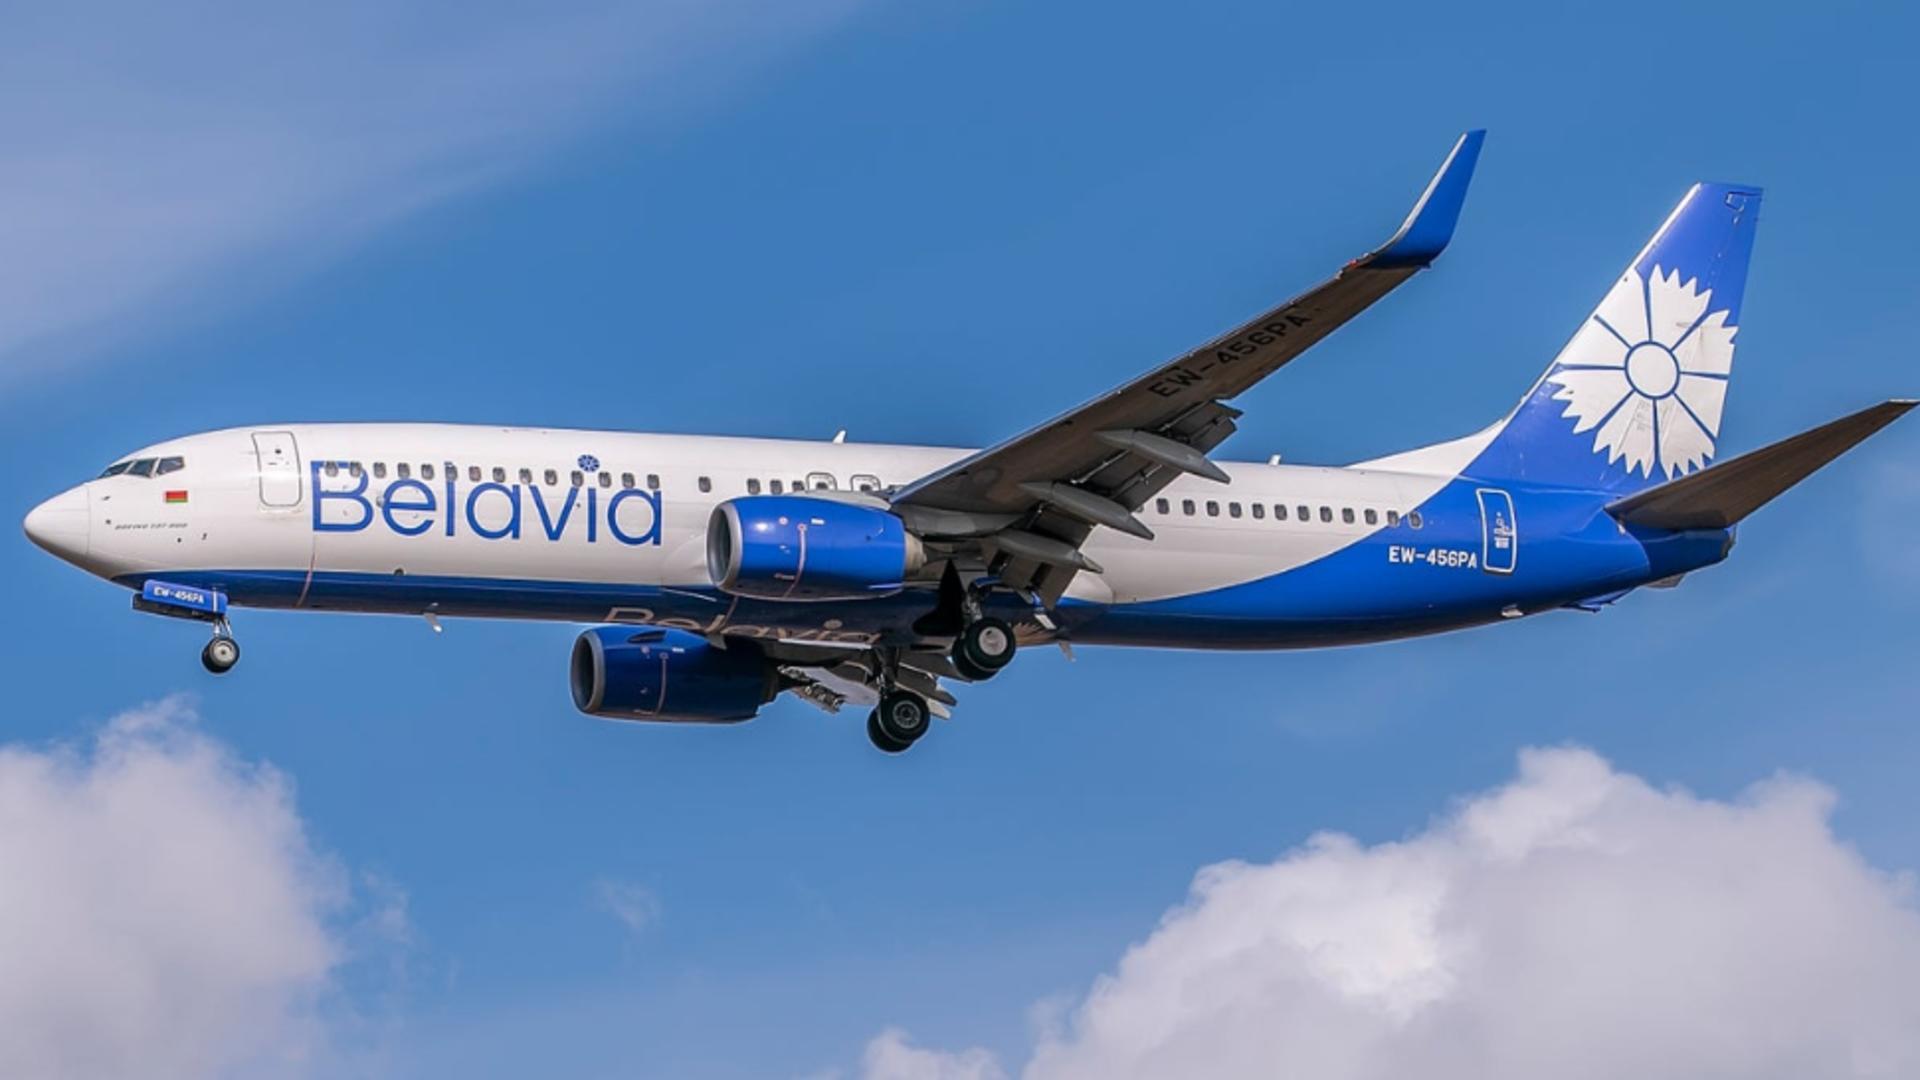 Primul efect după deturnarea avionului la Minsk: Un avion din Belarus a renunțat la cursa spre Barcelona, fără a intra în spațiul aerian UE